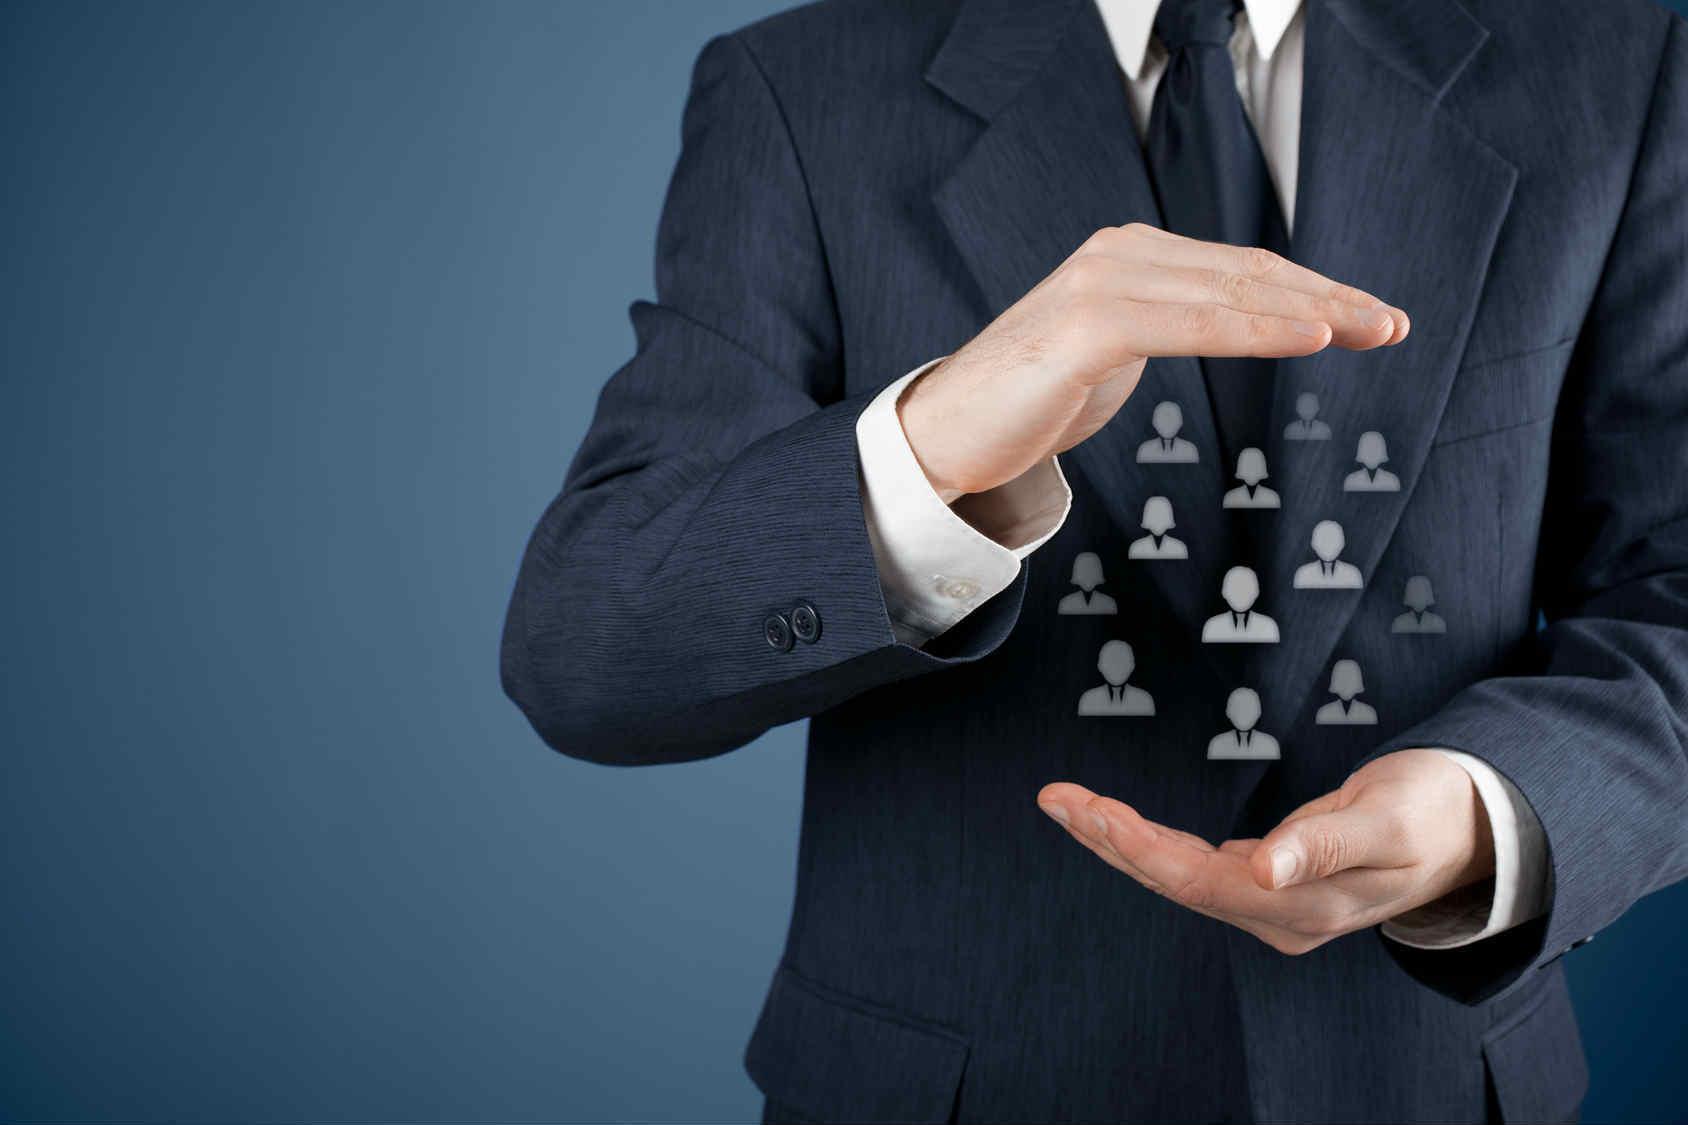 Оптимизируем работу агенства по разработке - 2